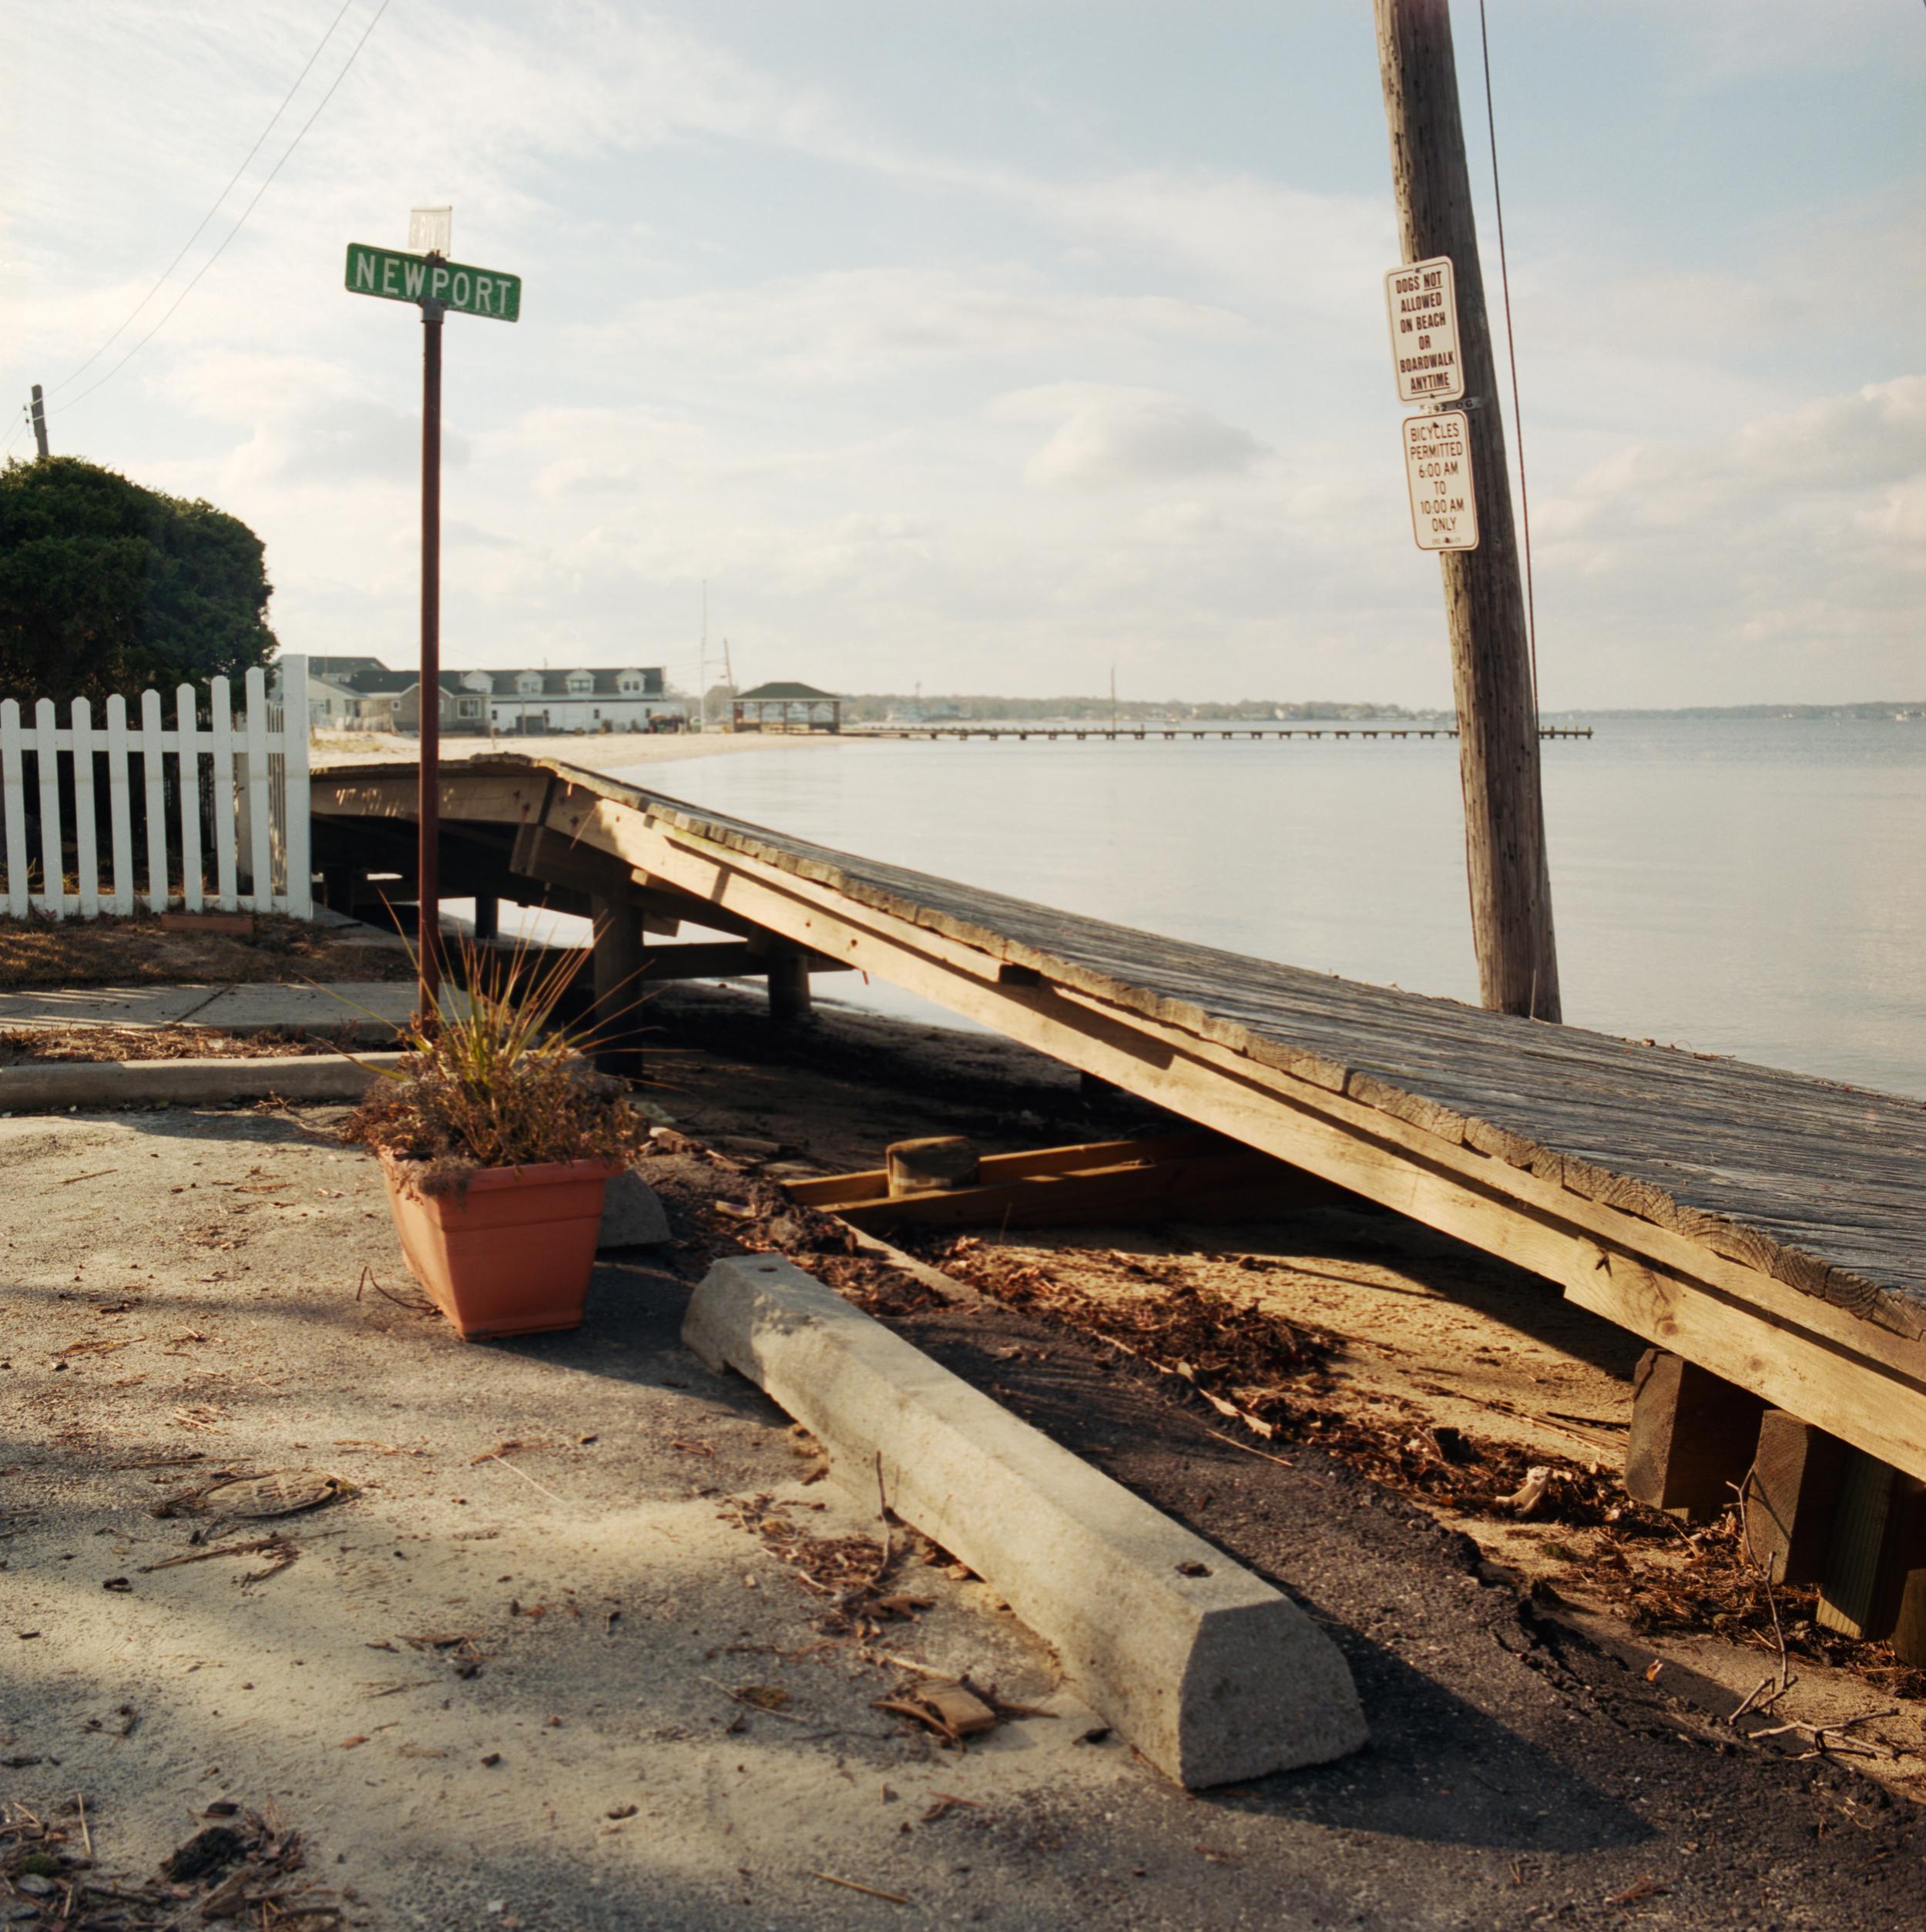 Boardwalk askew